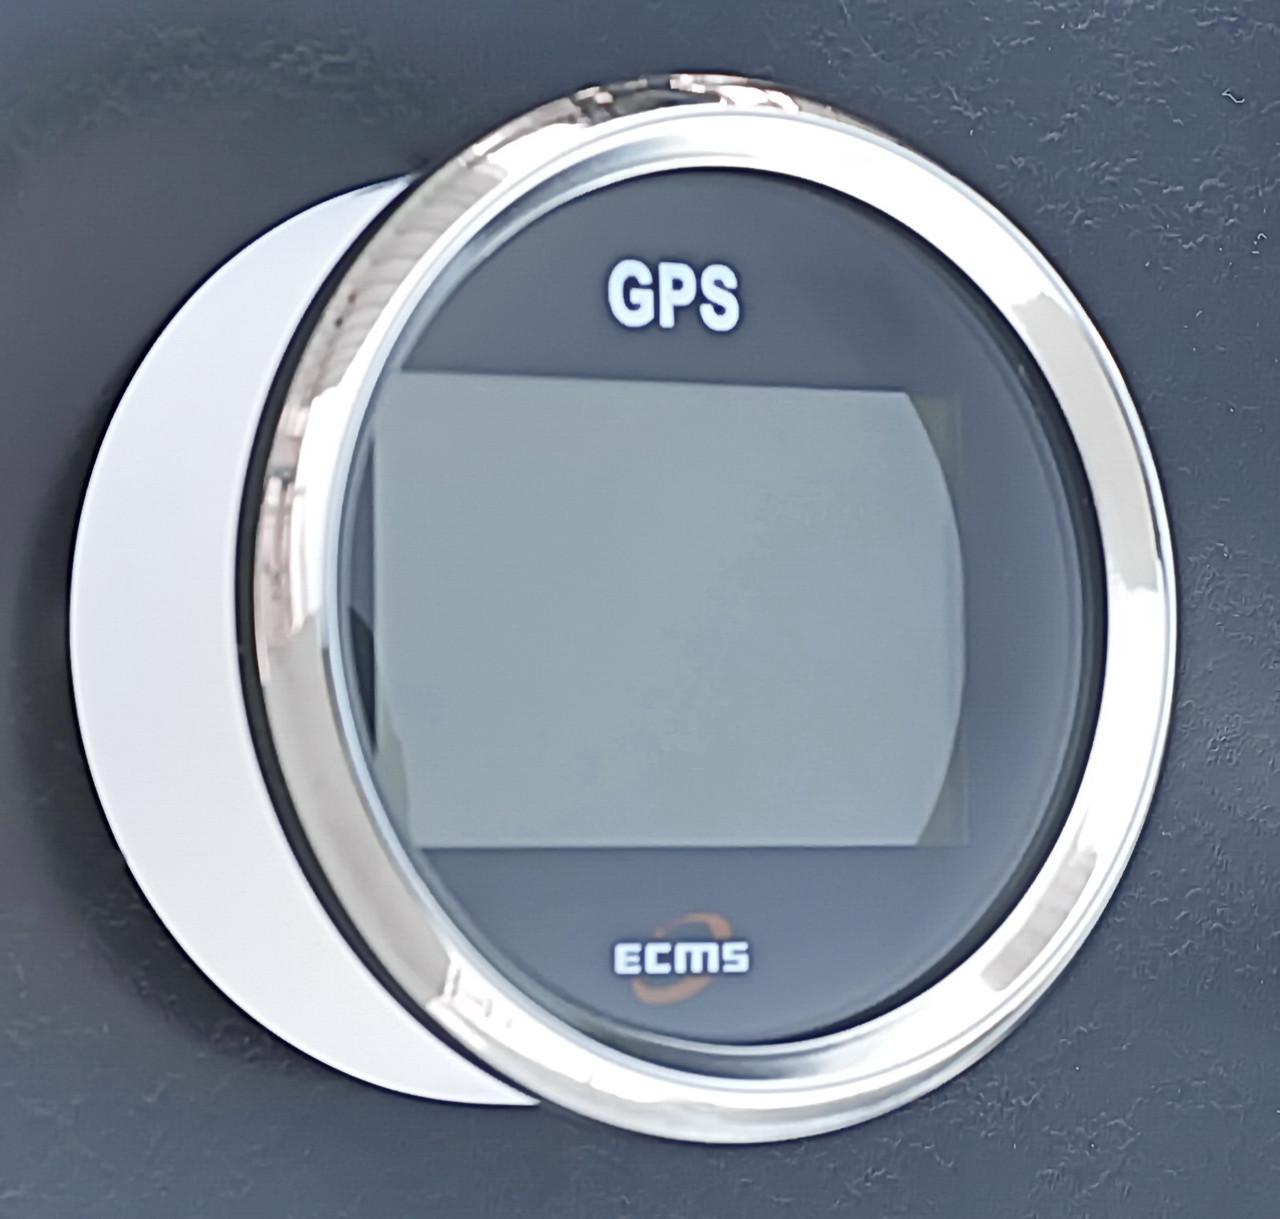 Спидометр GPS для лодки, катера, яхты мультиэкран ECMS черный 900-00034